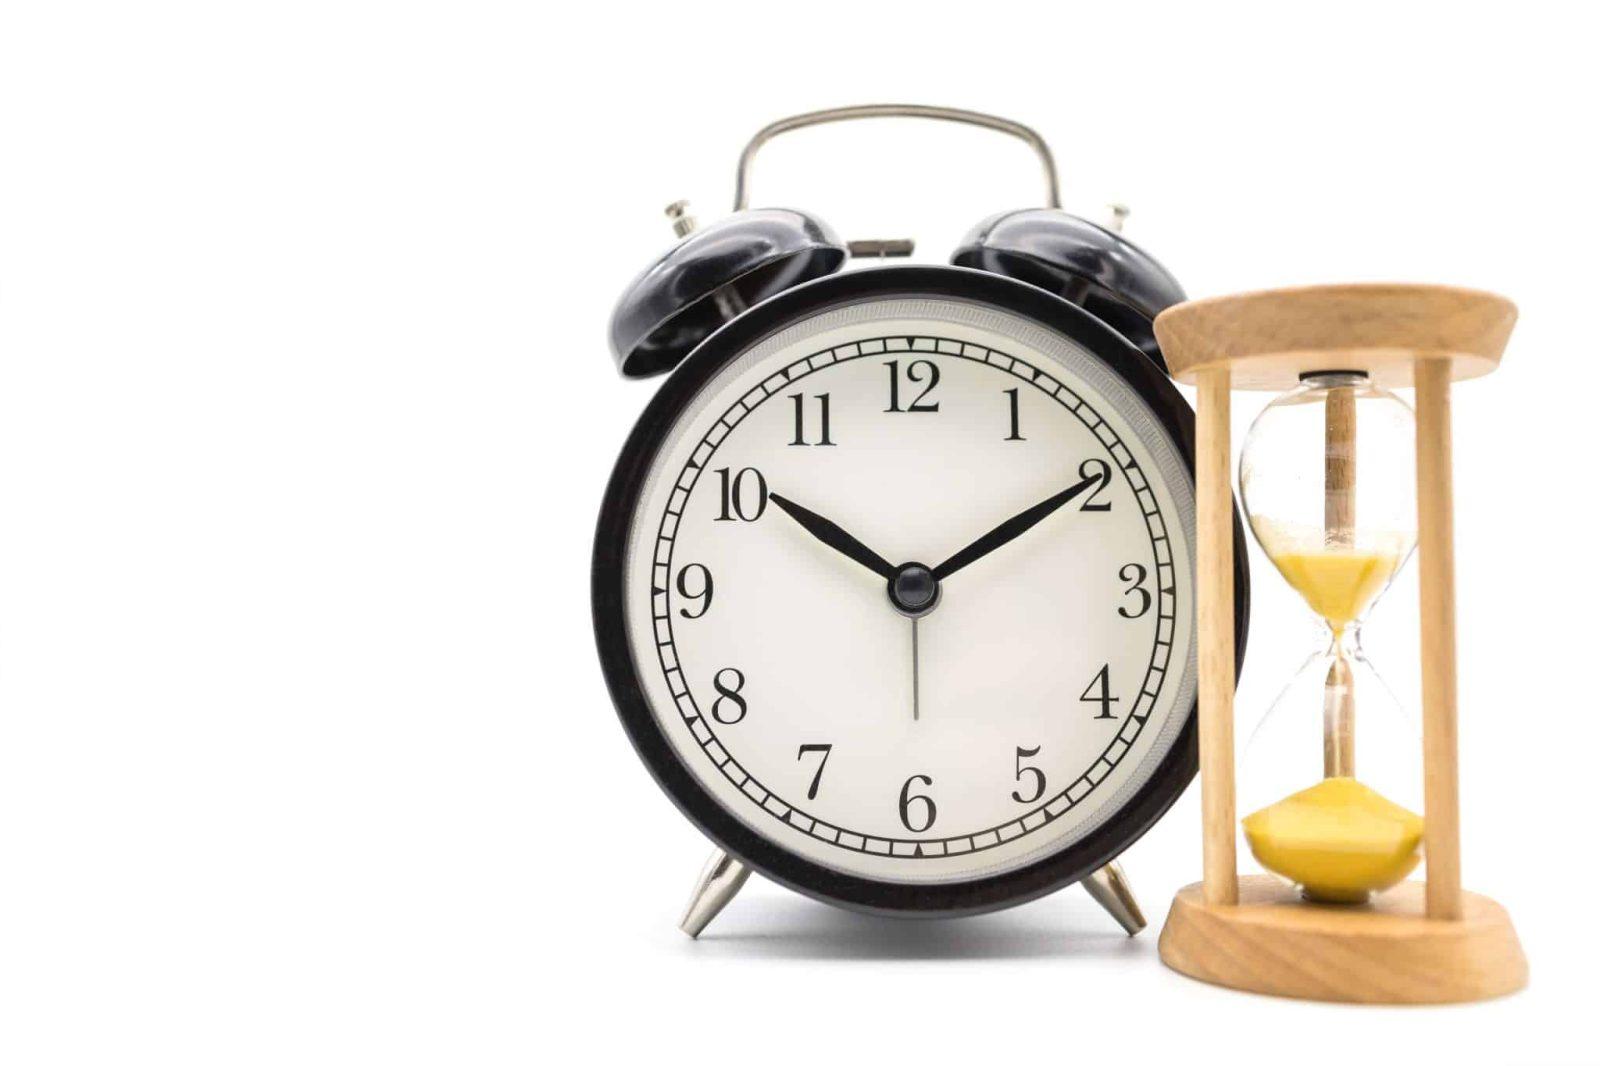 האם יש תקופת המתנה כשמצטרפים לביטוח חיים, תקופת המתנה כשמצטרפים לביטוח חיים